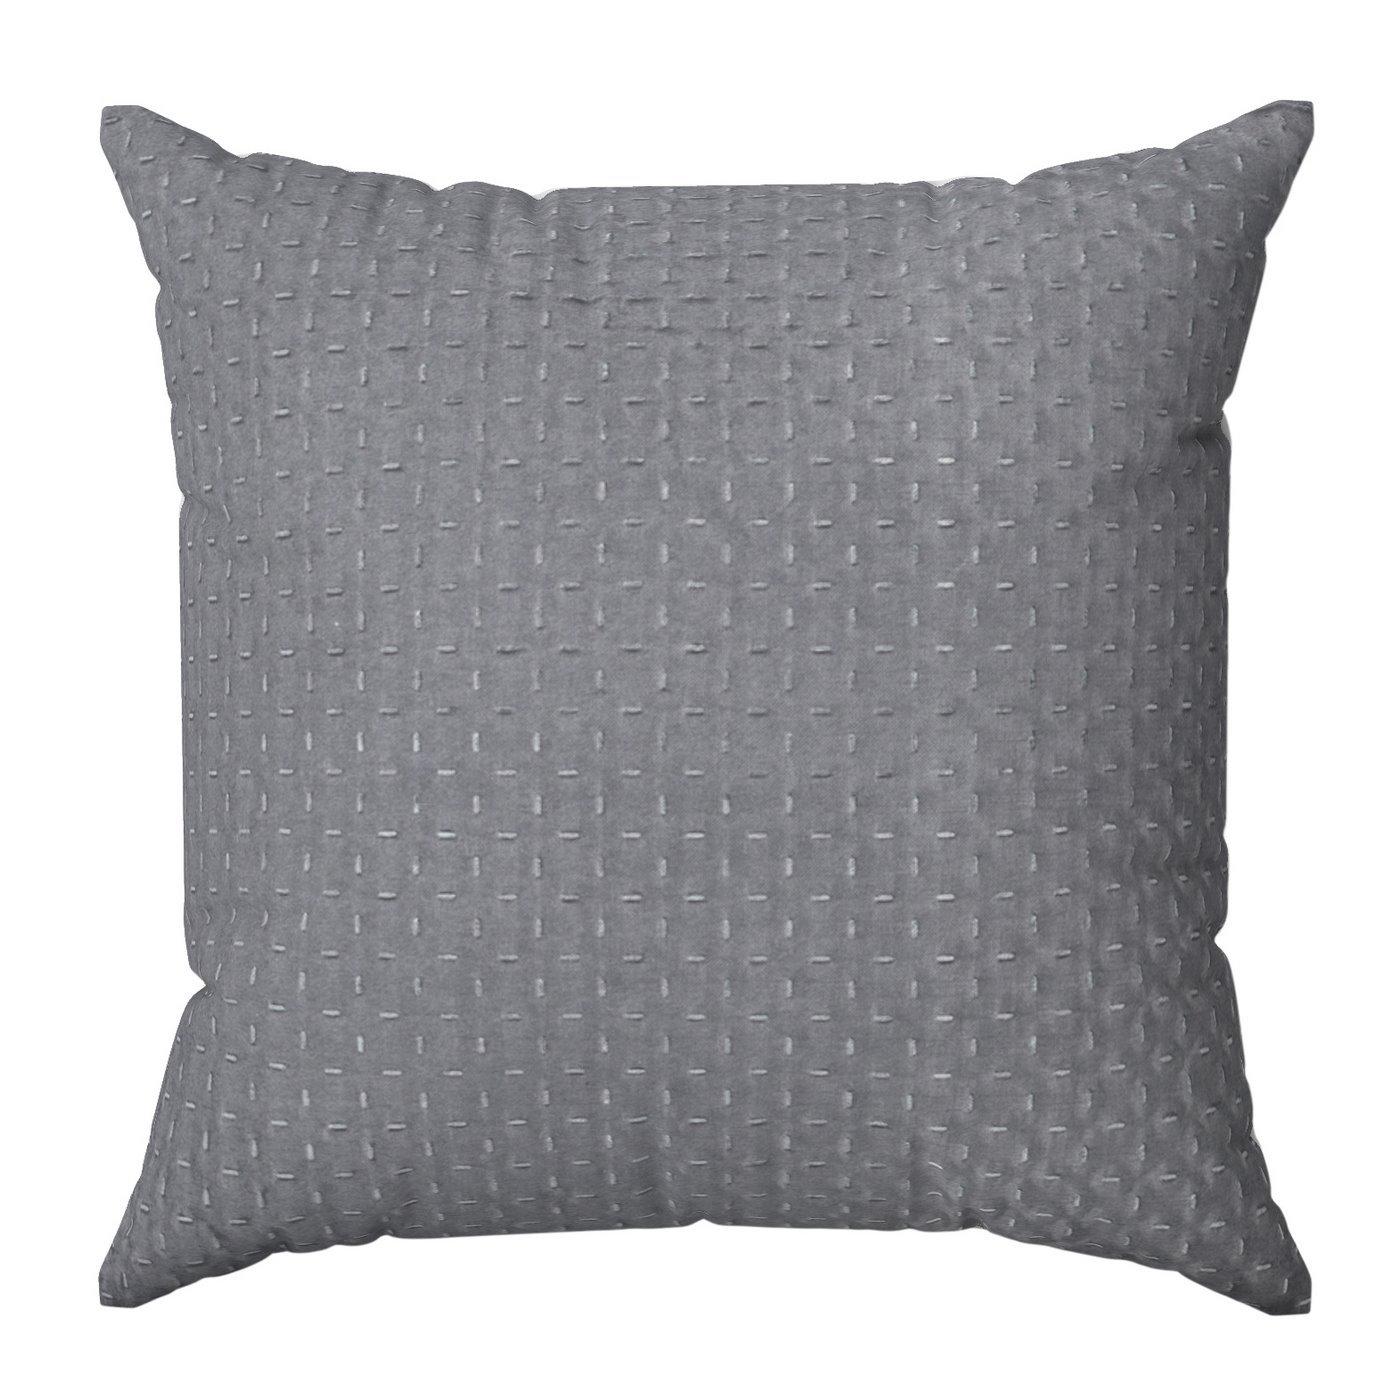 Poszewka na poduszkę dwustronna pikowana szaro-różowa 40 x 40 cm